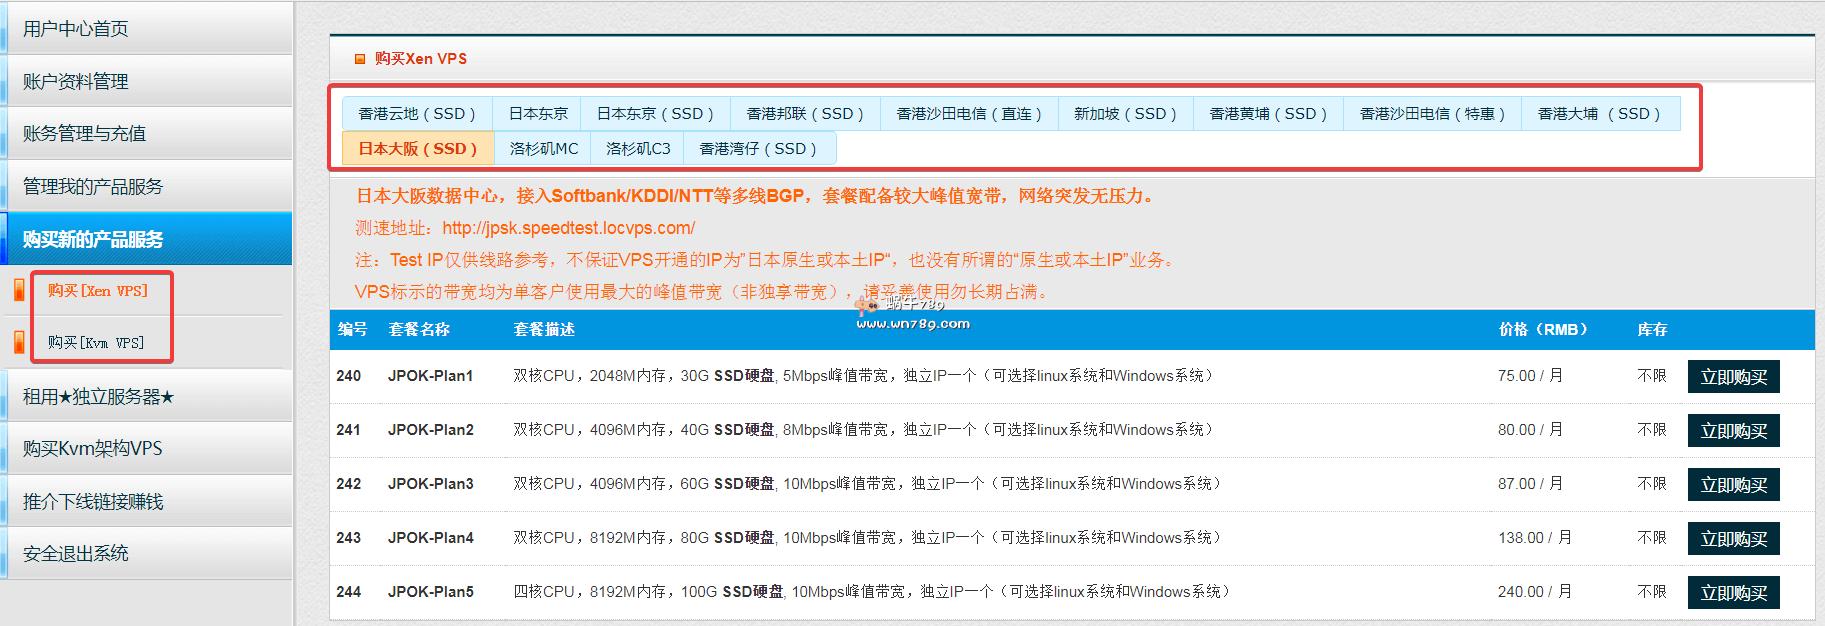 LOCVPS新春促销,香港日本美国稳定vps全场七折,2核4G47.6元/月起插图